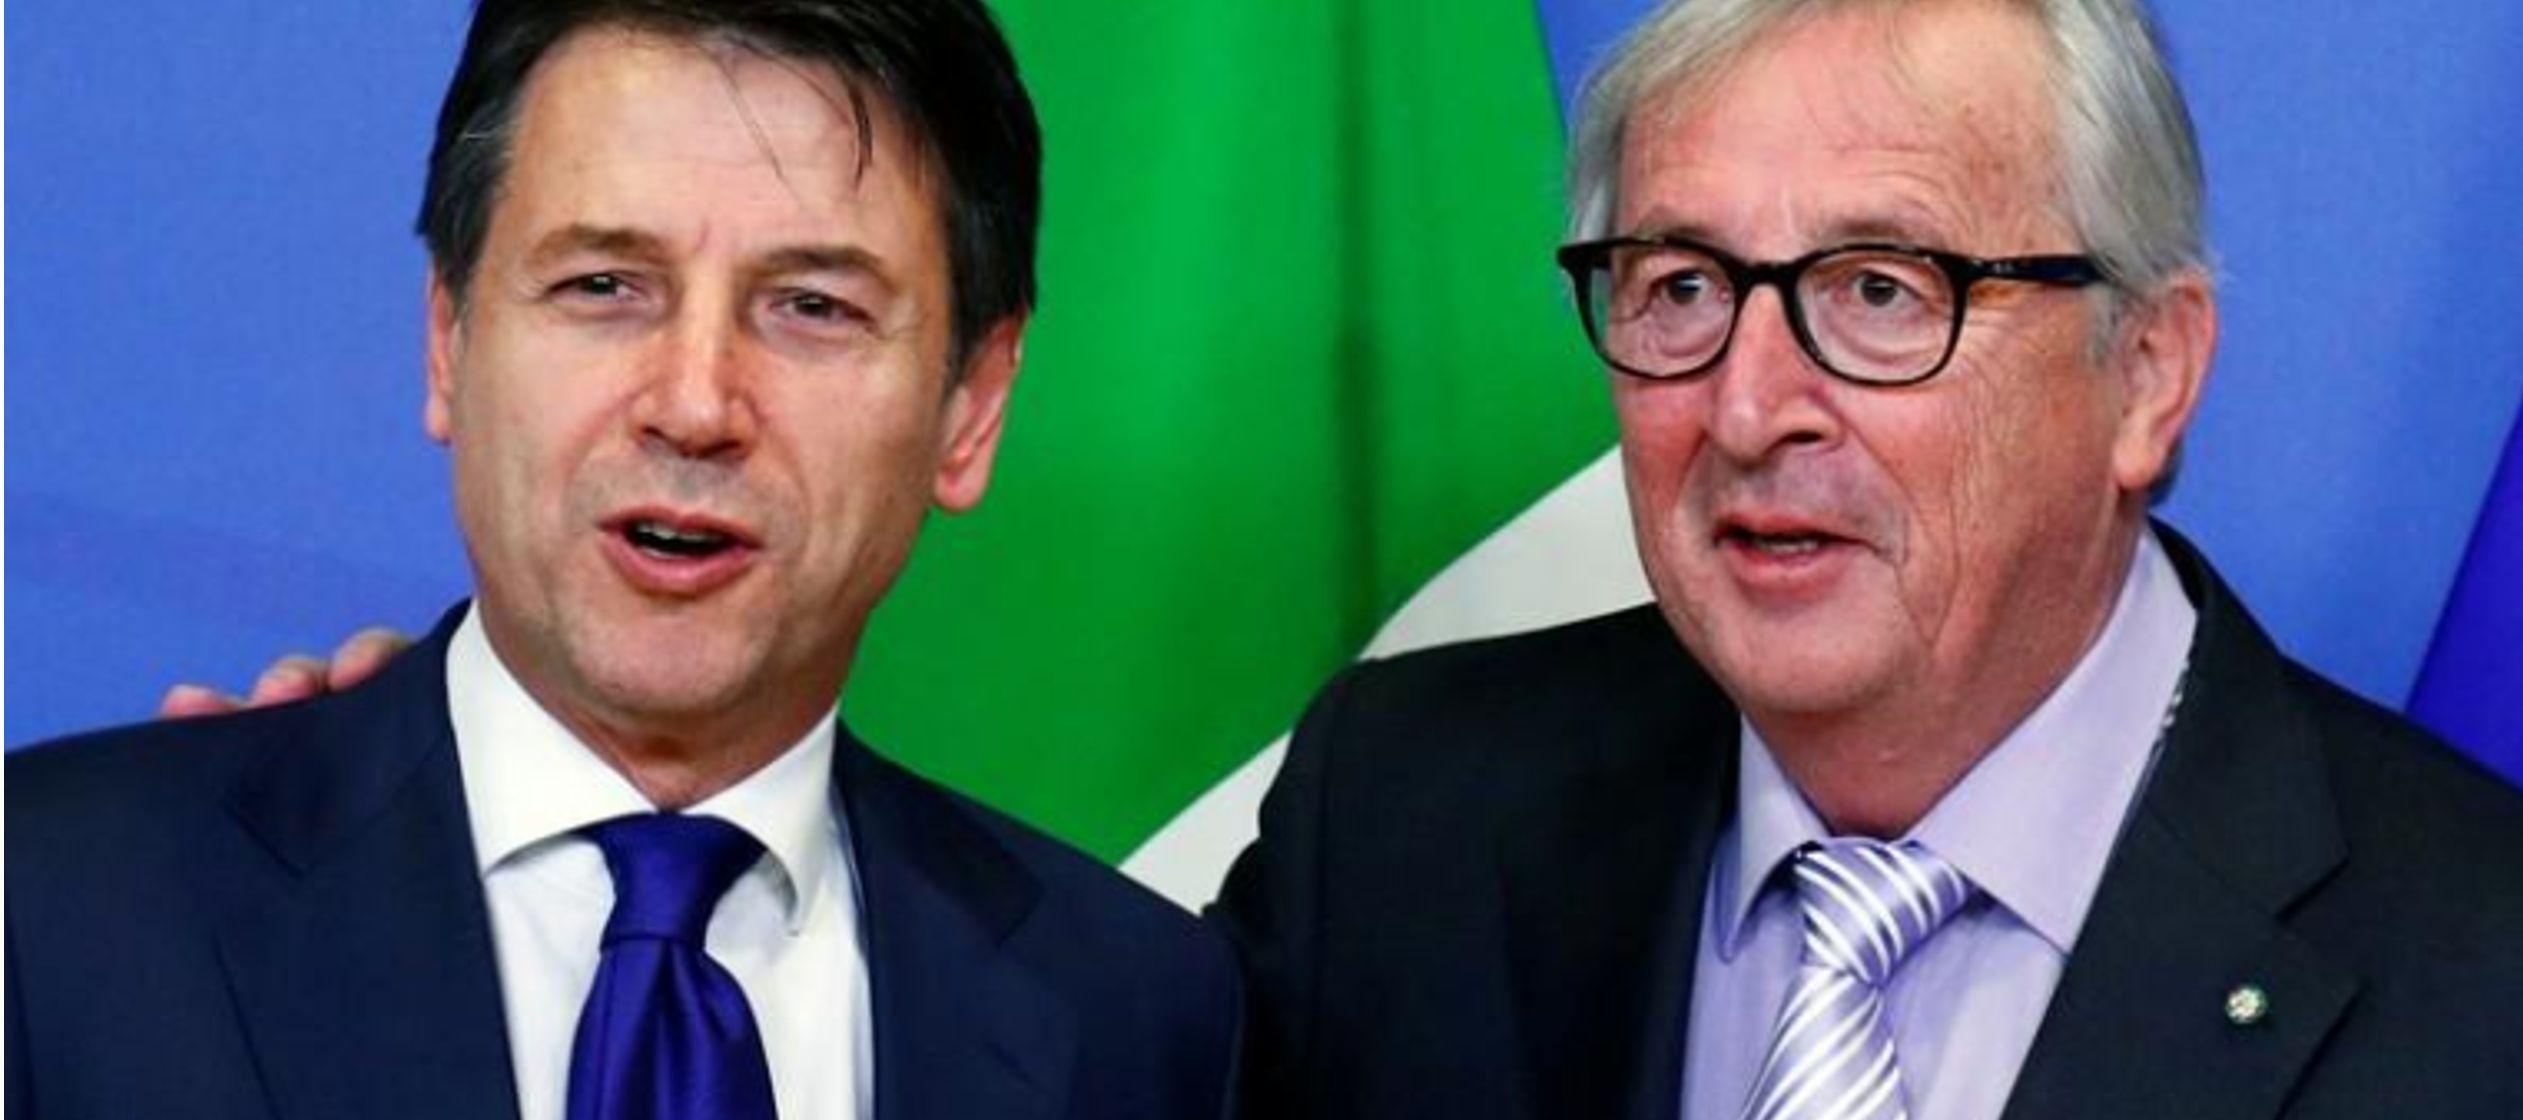 Italia reduce meta de déficit y espera una respuesta positiva de la UE